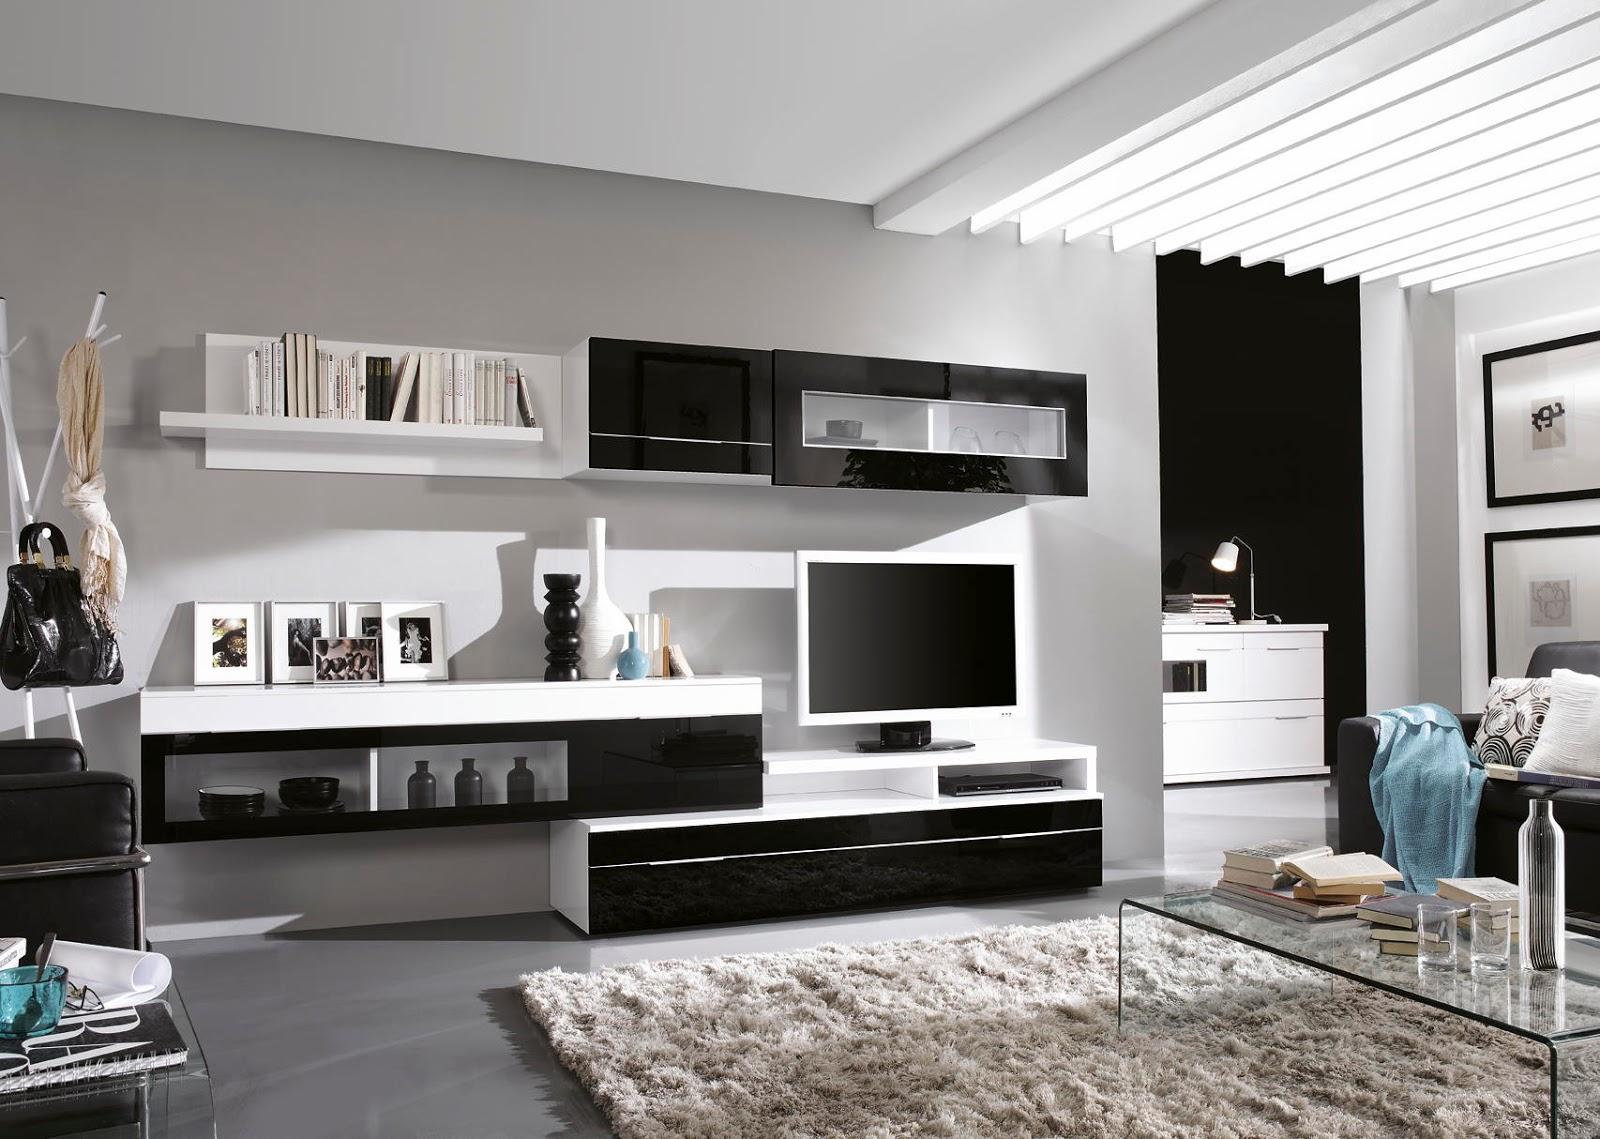 Muebles Para Comedor Modernos. Muebles Para El Saln Comedor Con Unos ...